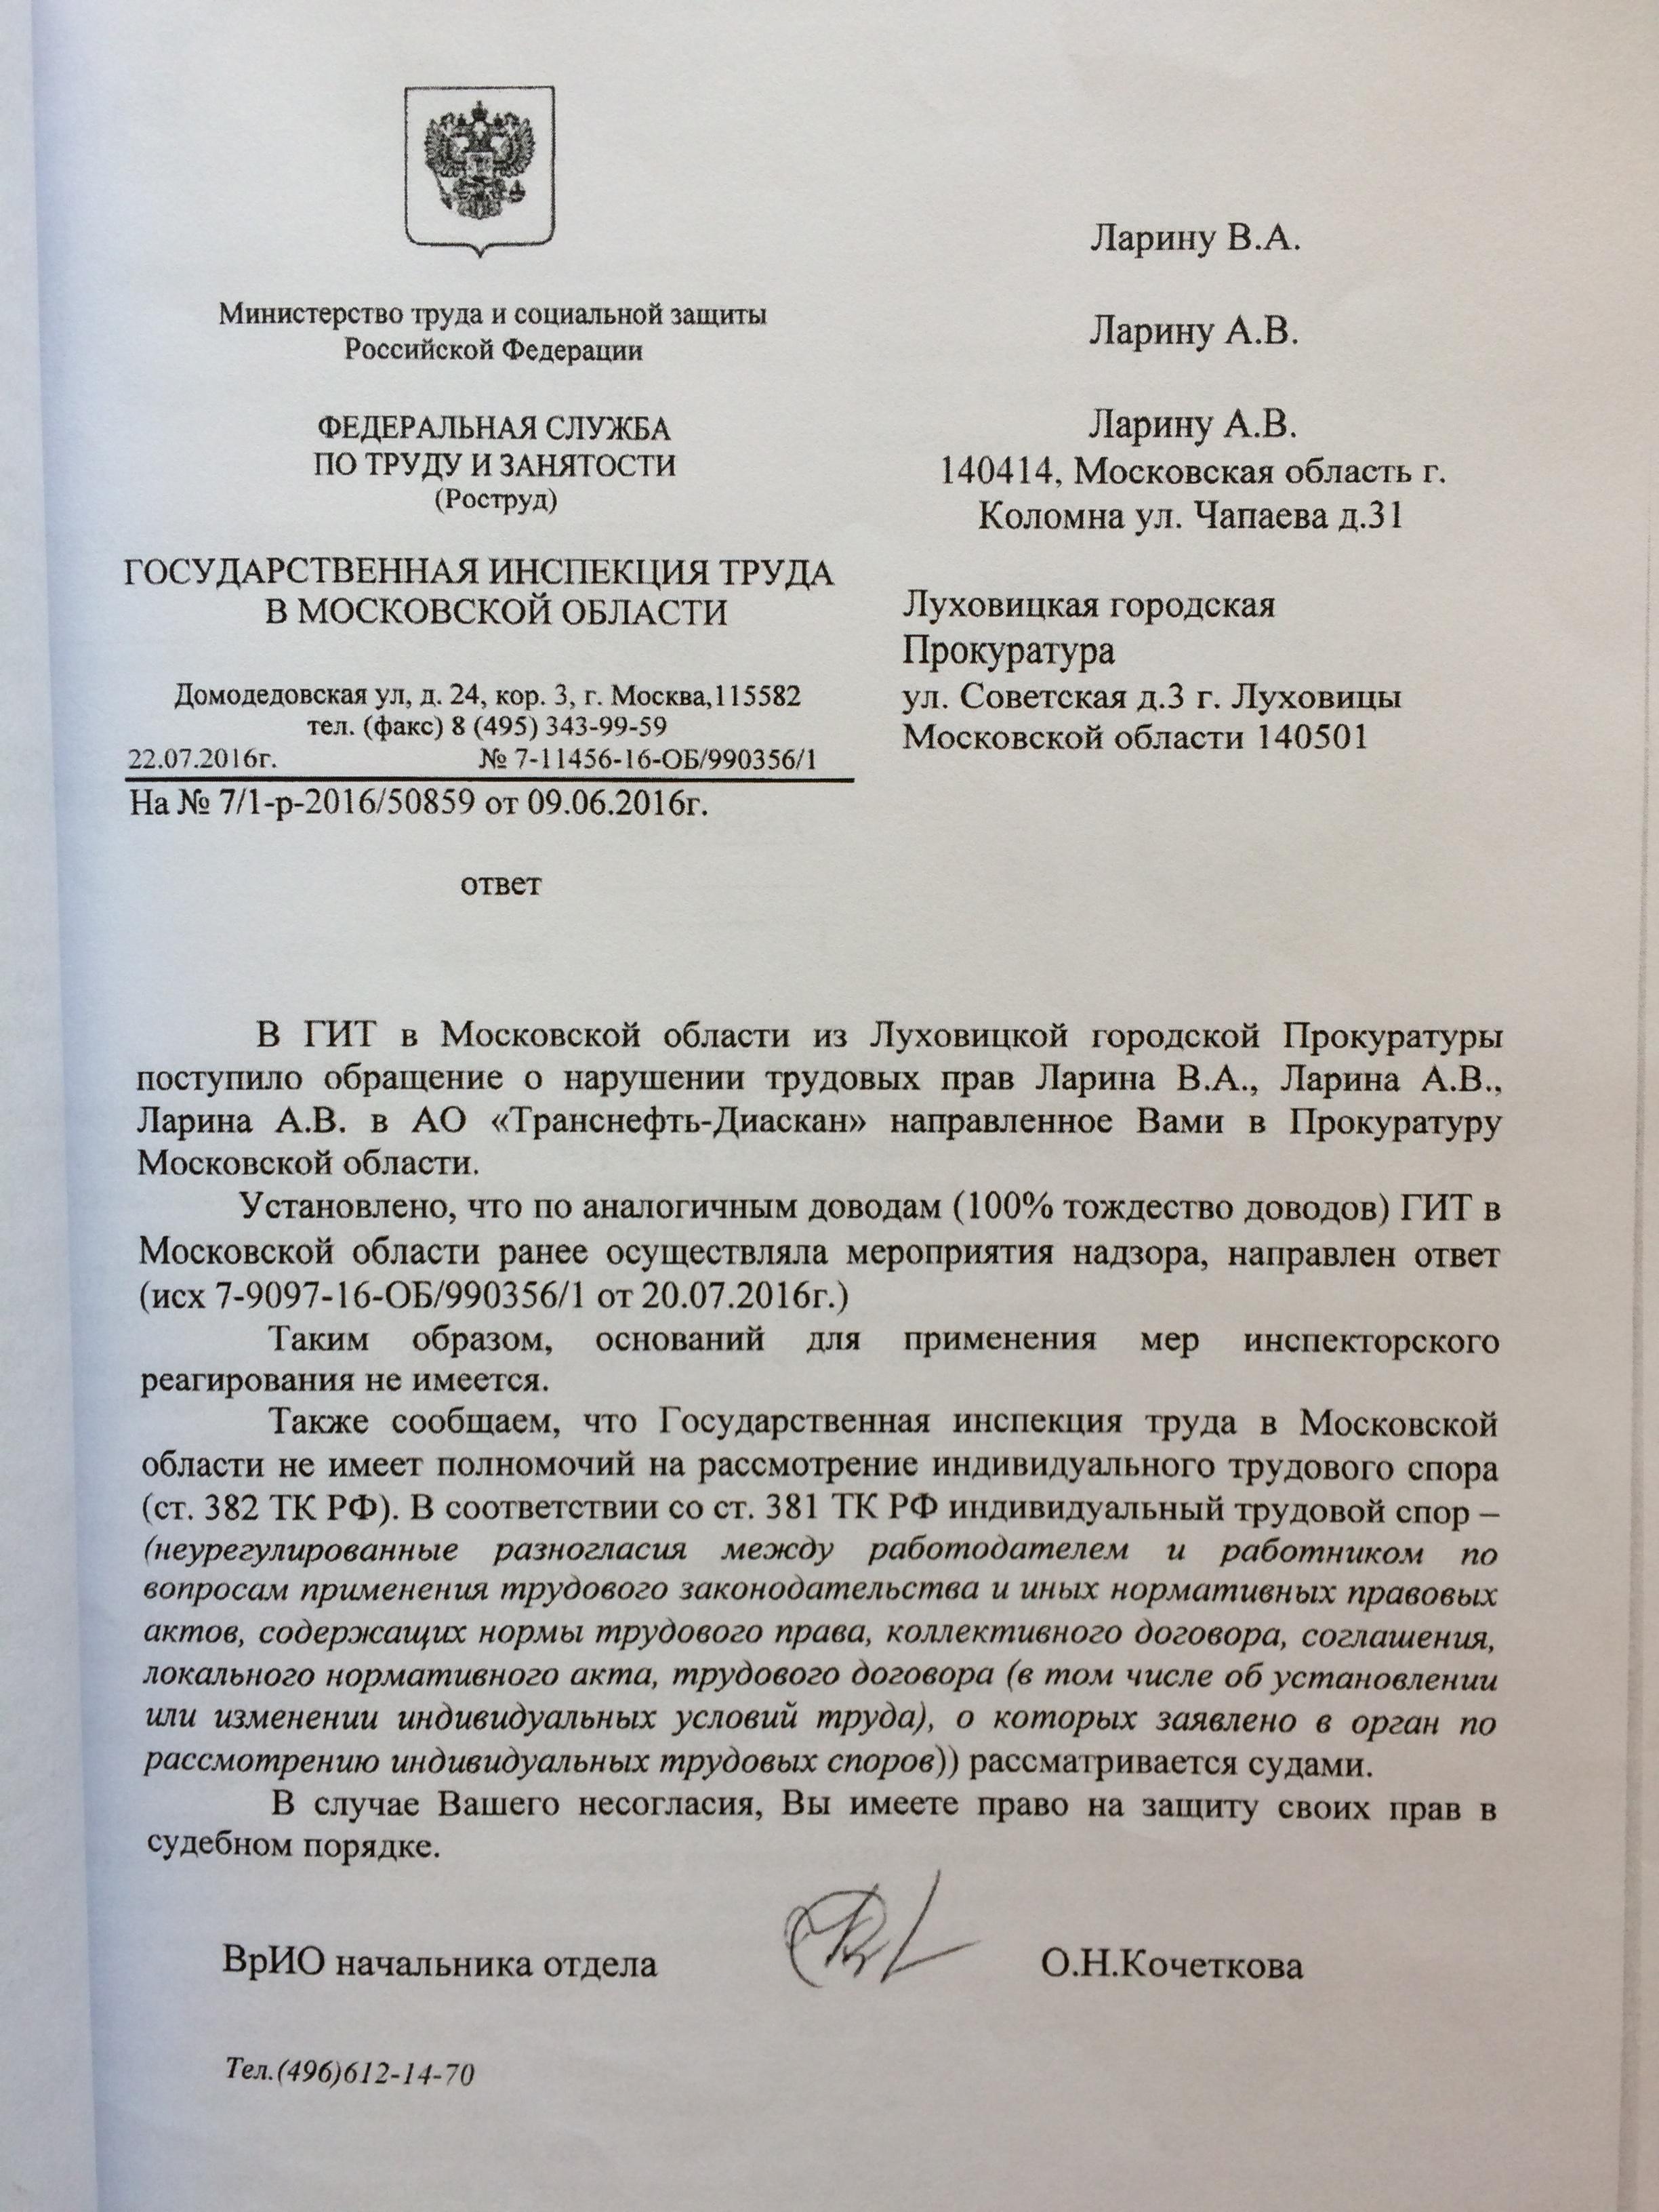 Фото документов проверки Луховицкой городской прокуратурой - 7 (5)